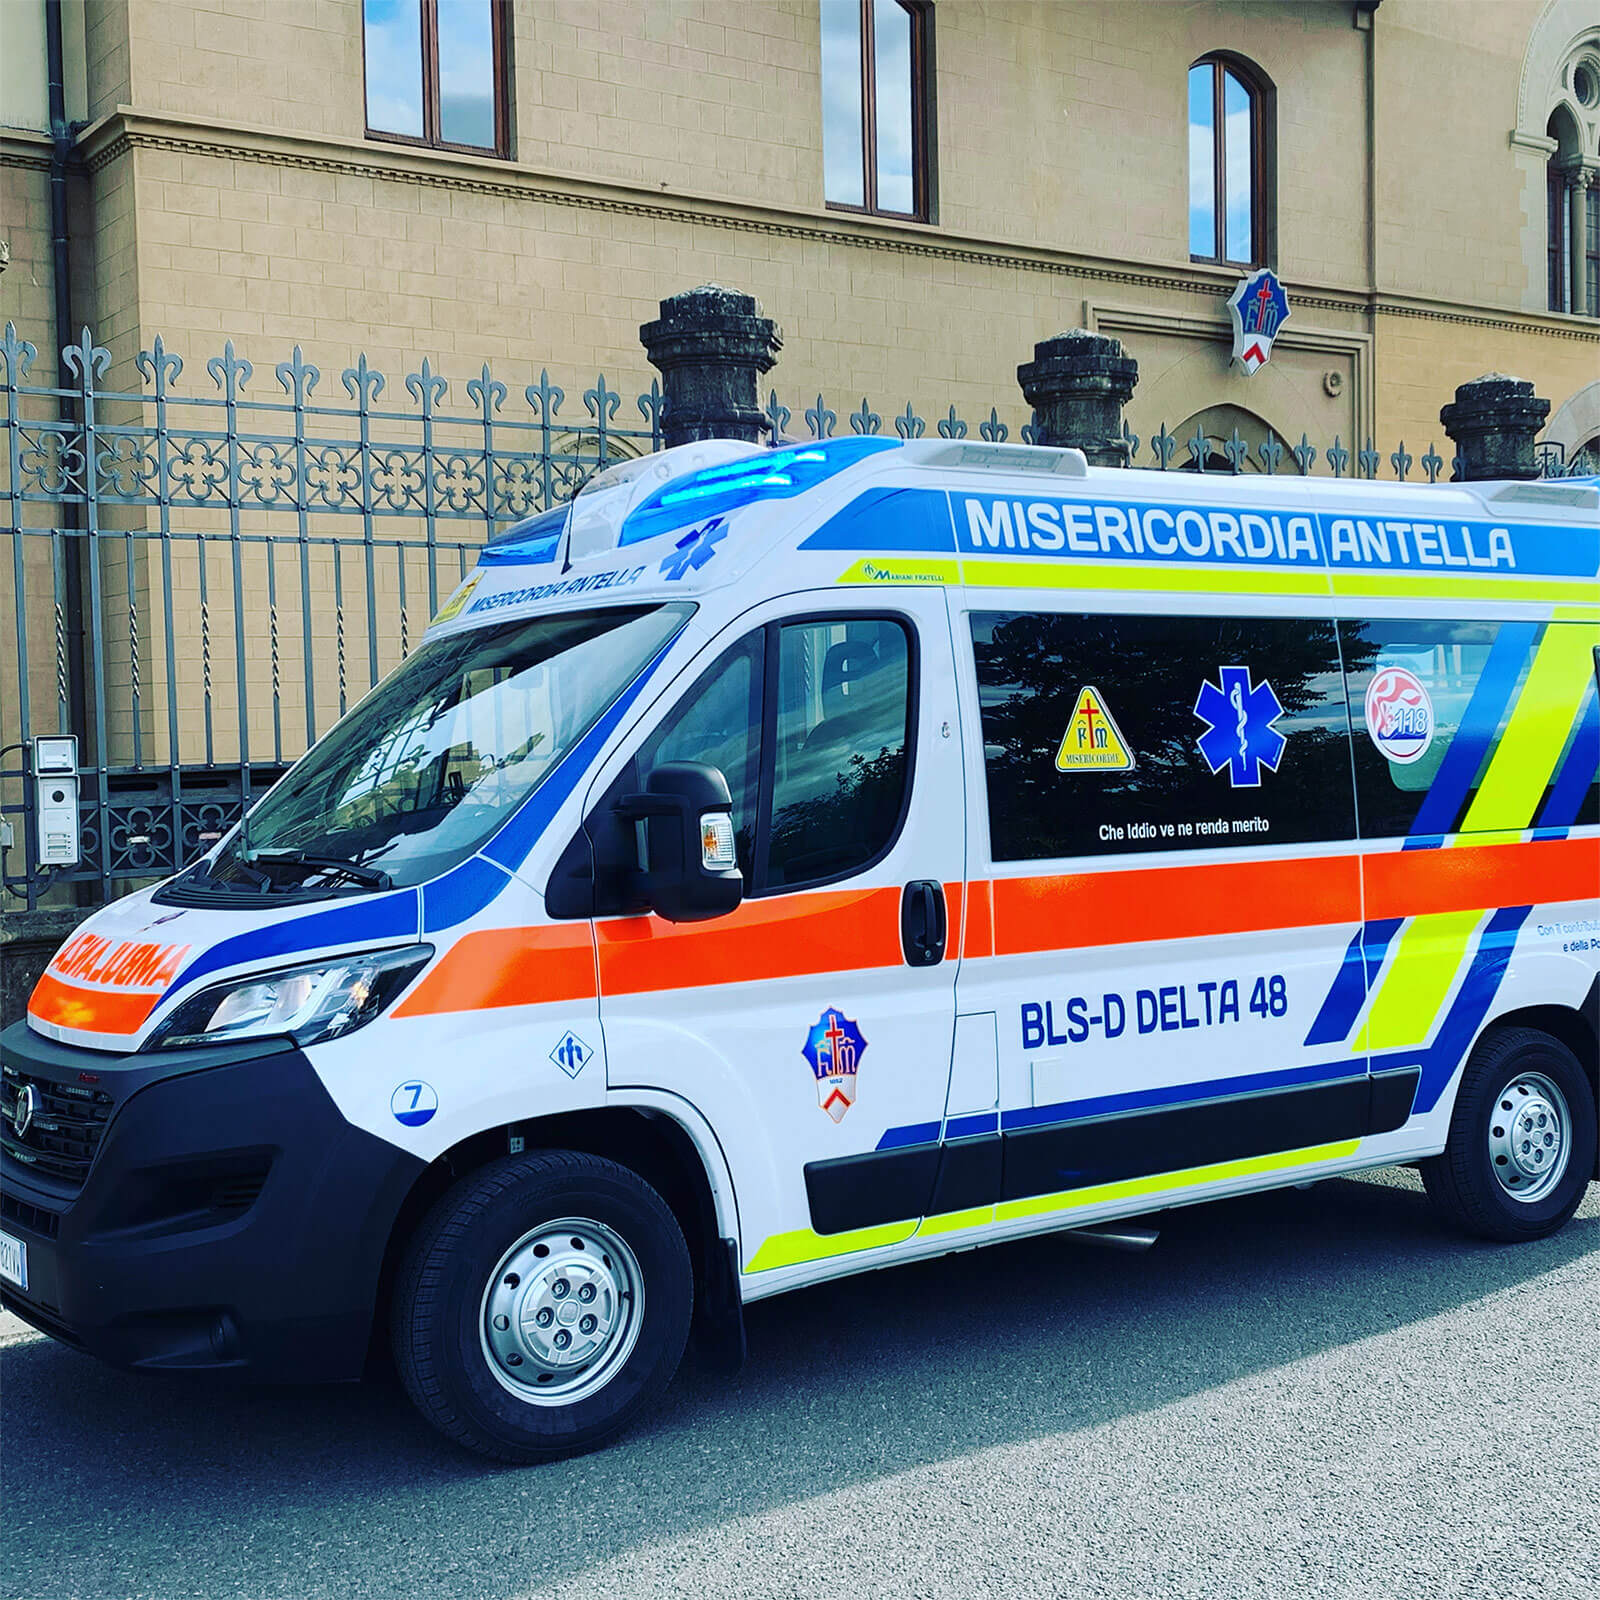 Ambulanza Misericordia Antella